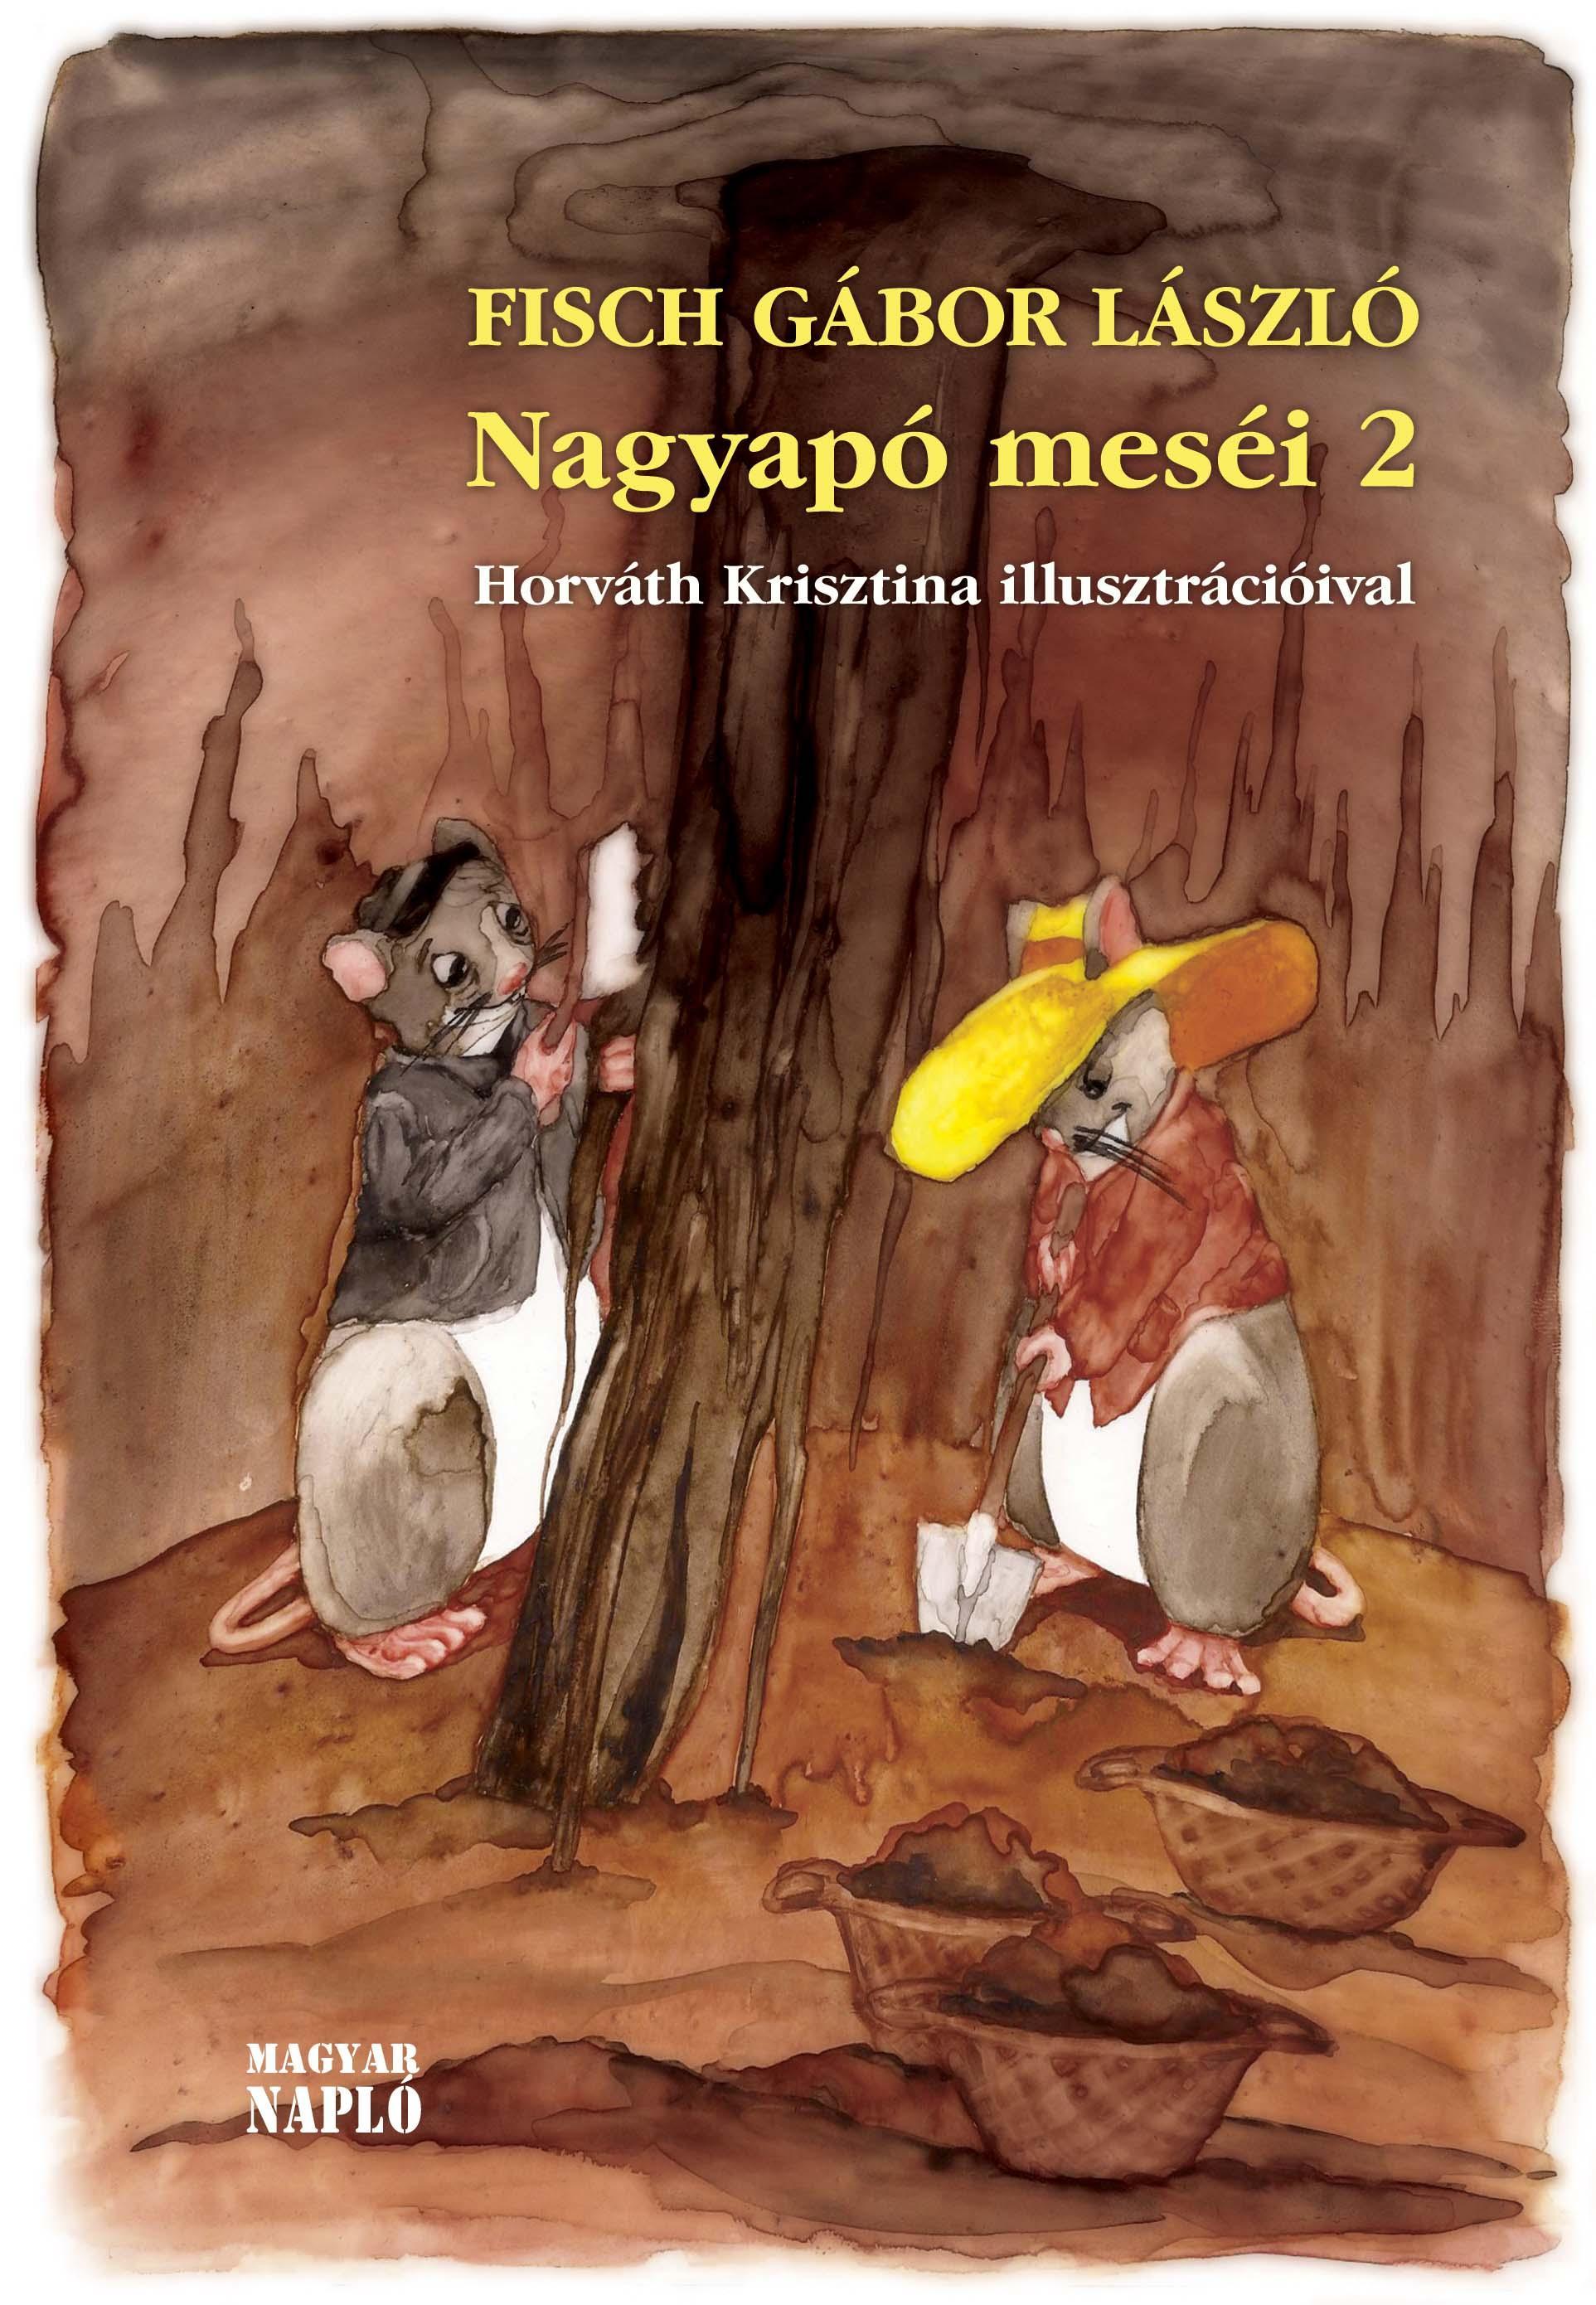 NAGYAPÓ MESÉI 2.